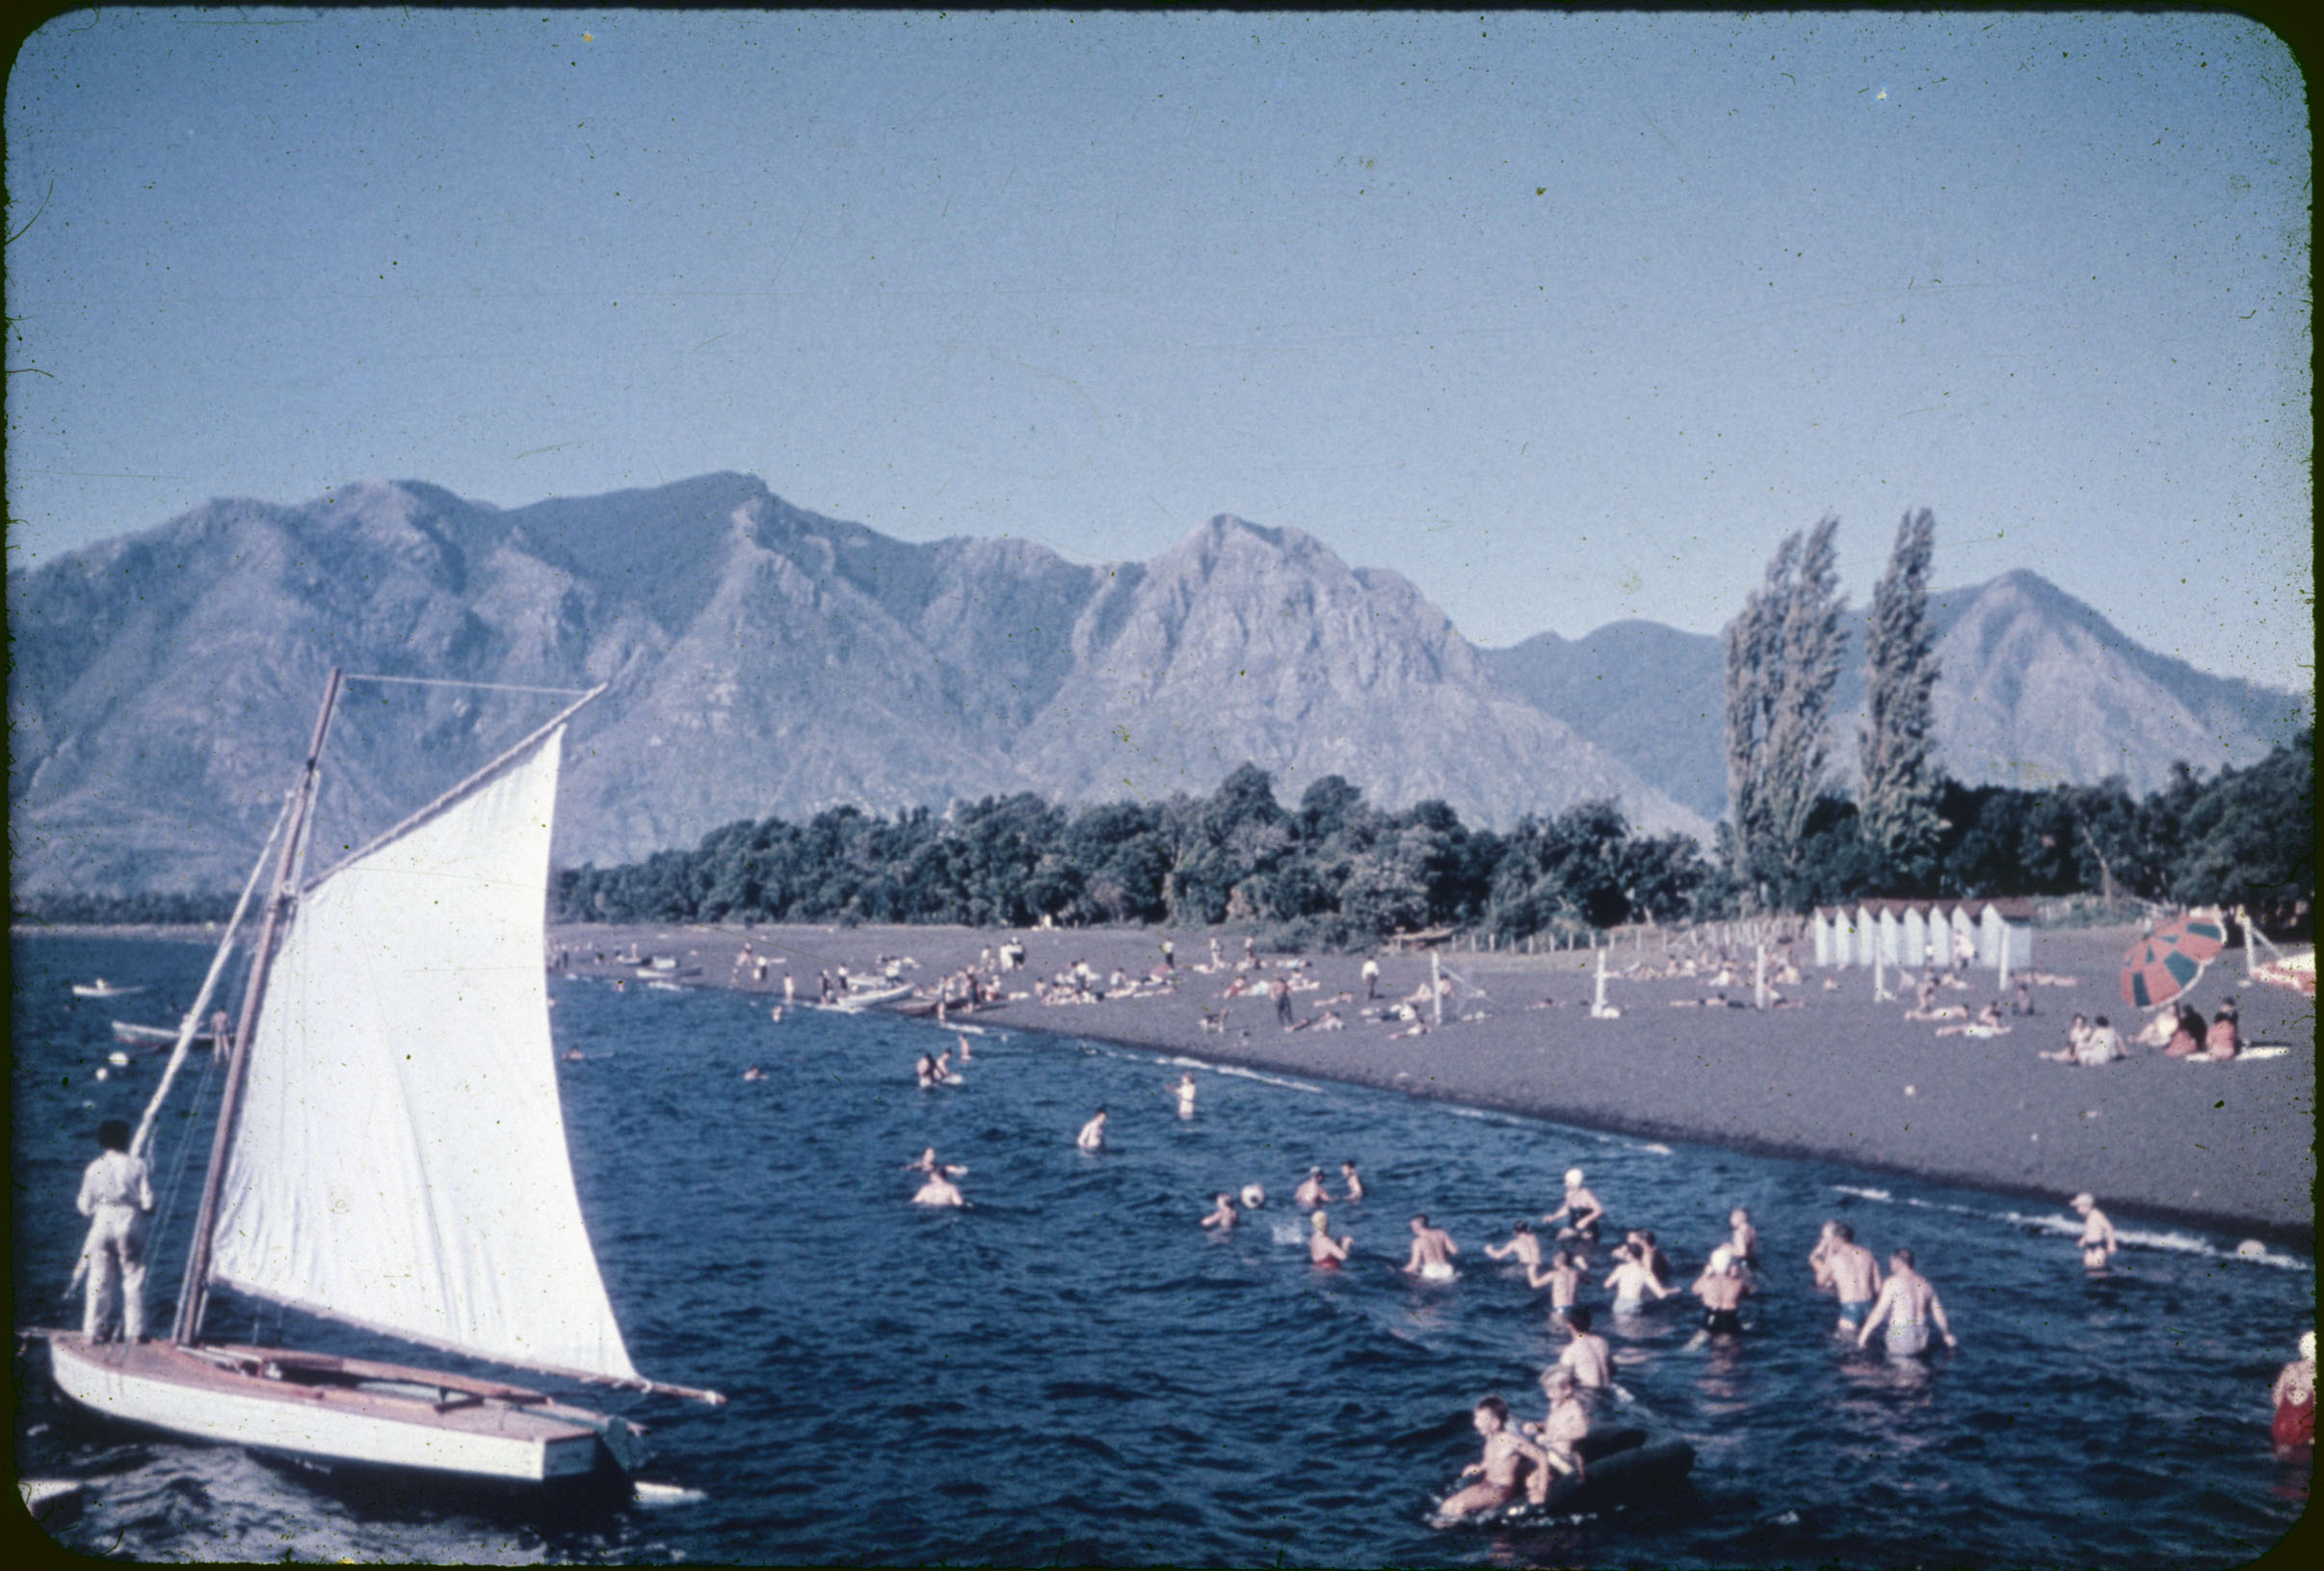 Enterreno - Fotos históricas de chile - fotos antiguas de Chile - Verano en playa Pucón, 1960